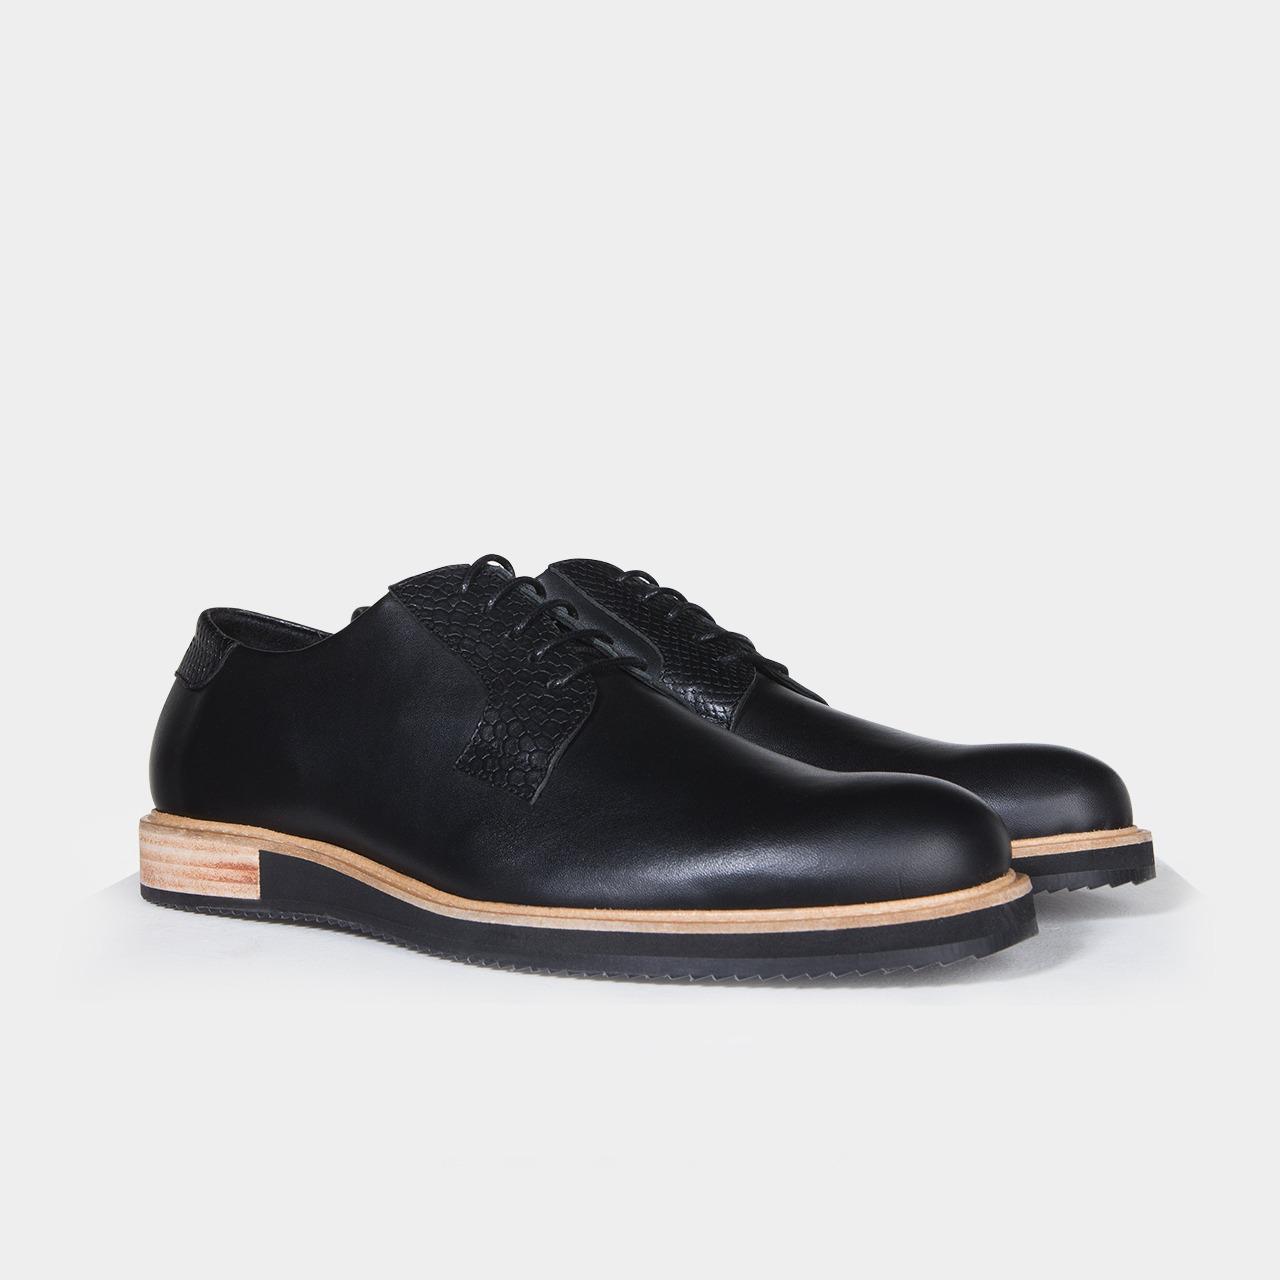 chaussure derbies noir alpha low subtle shoes. Black Bedroom Furniture Sets. Home Design Ideas